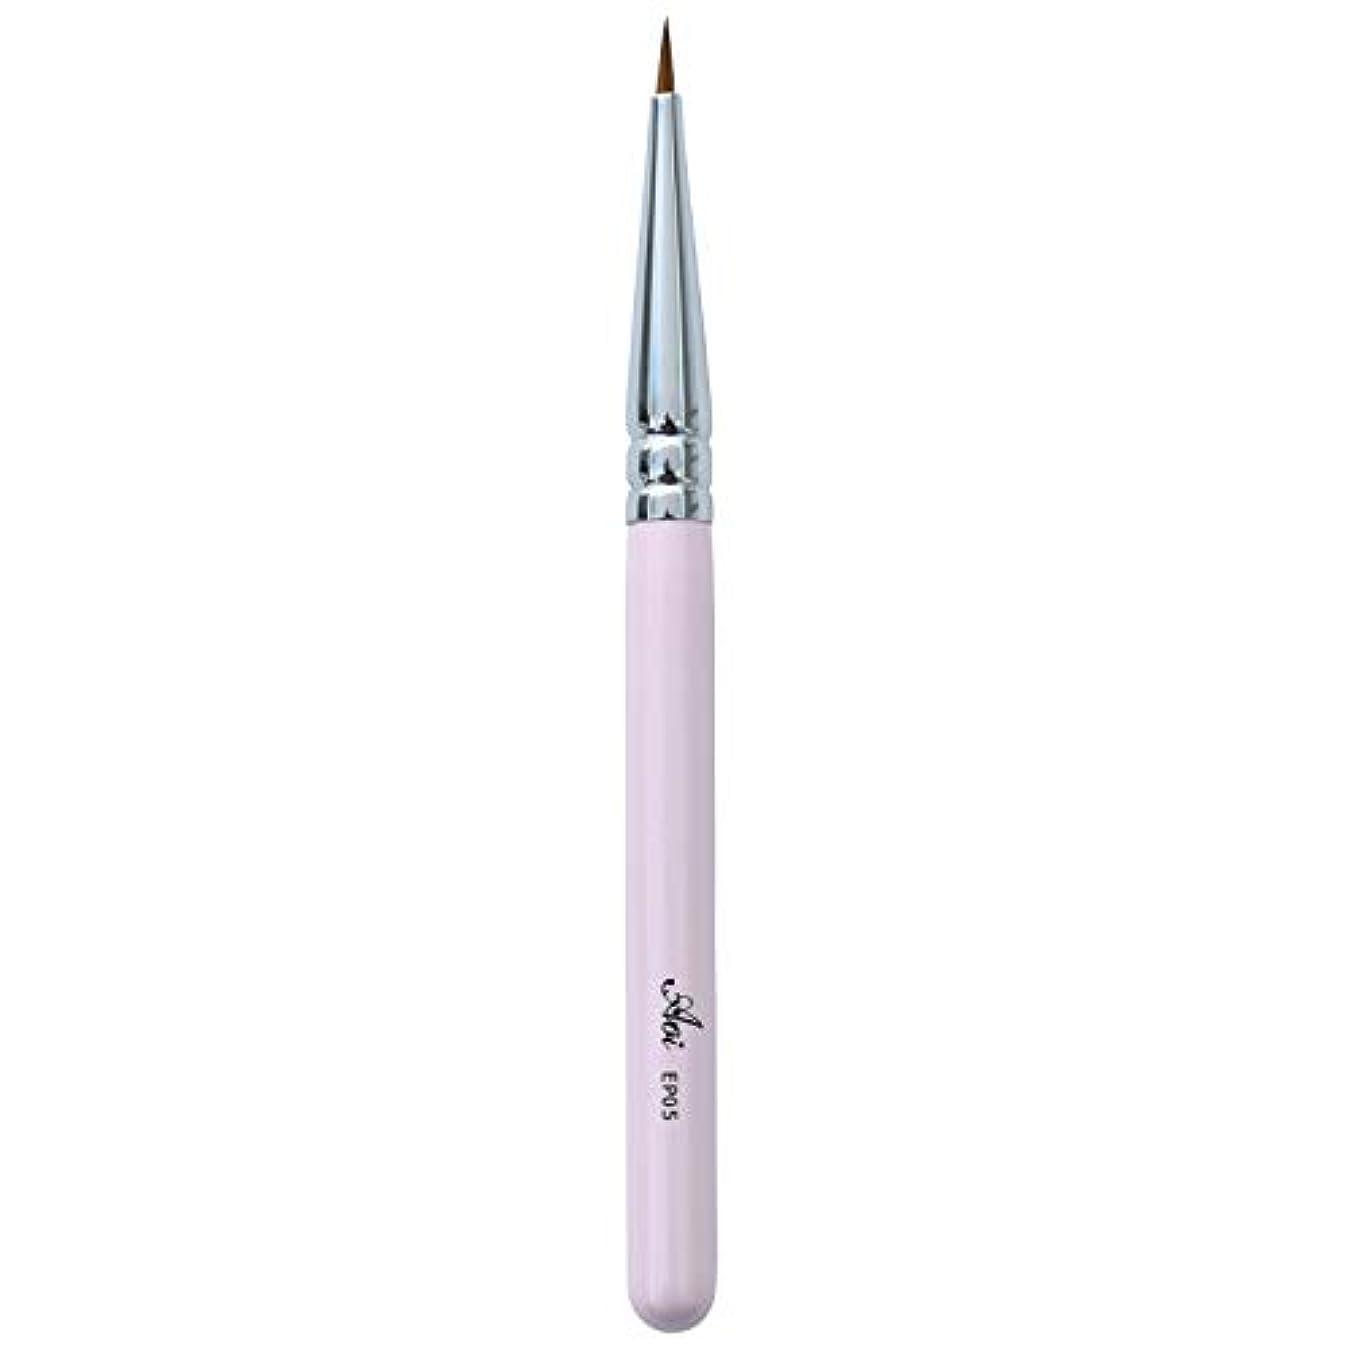 バッフル背の高い付ける一休園 Aoi 熊野 化粧筆 アイライナー 丸 10.6×0.7×0.7cm